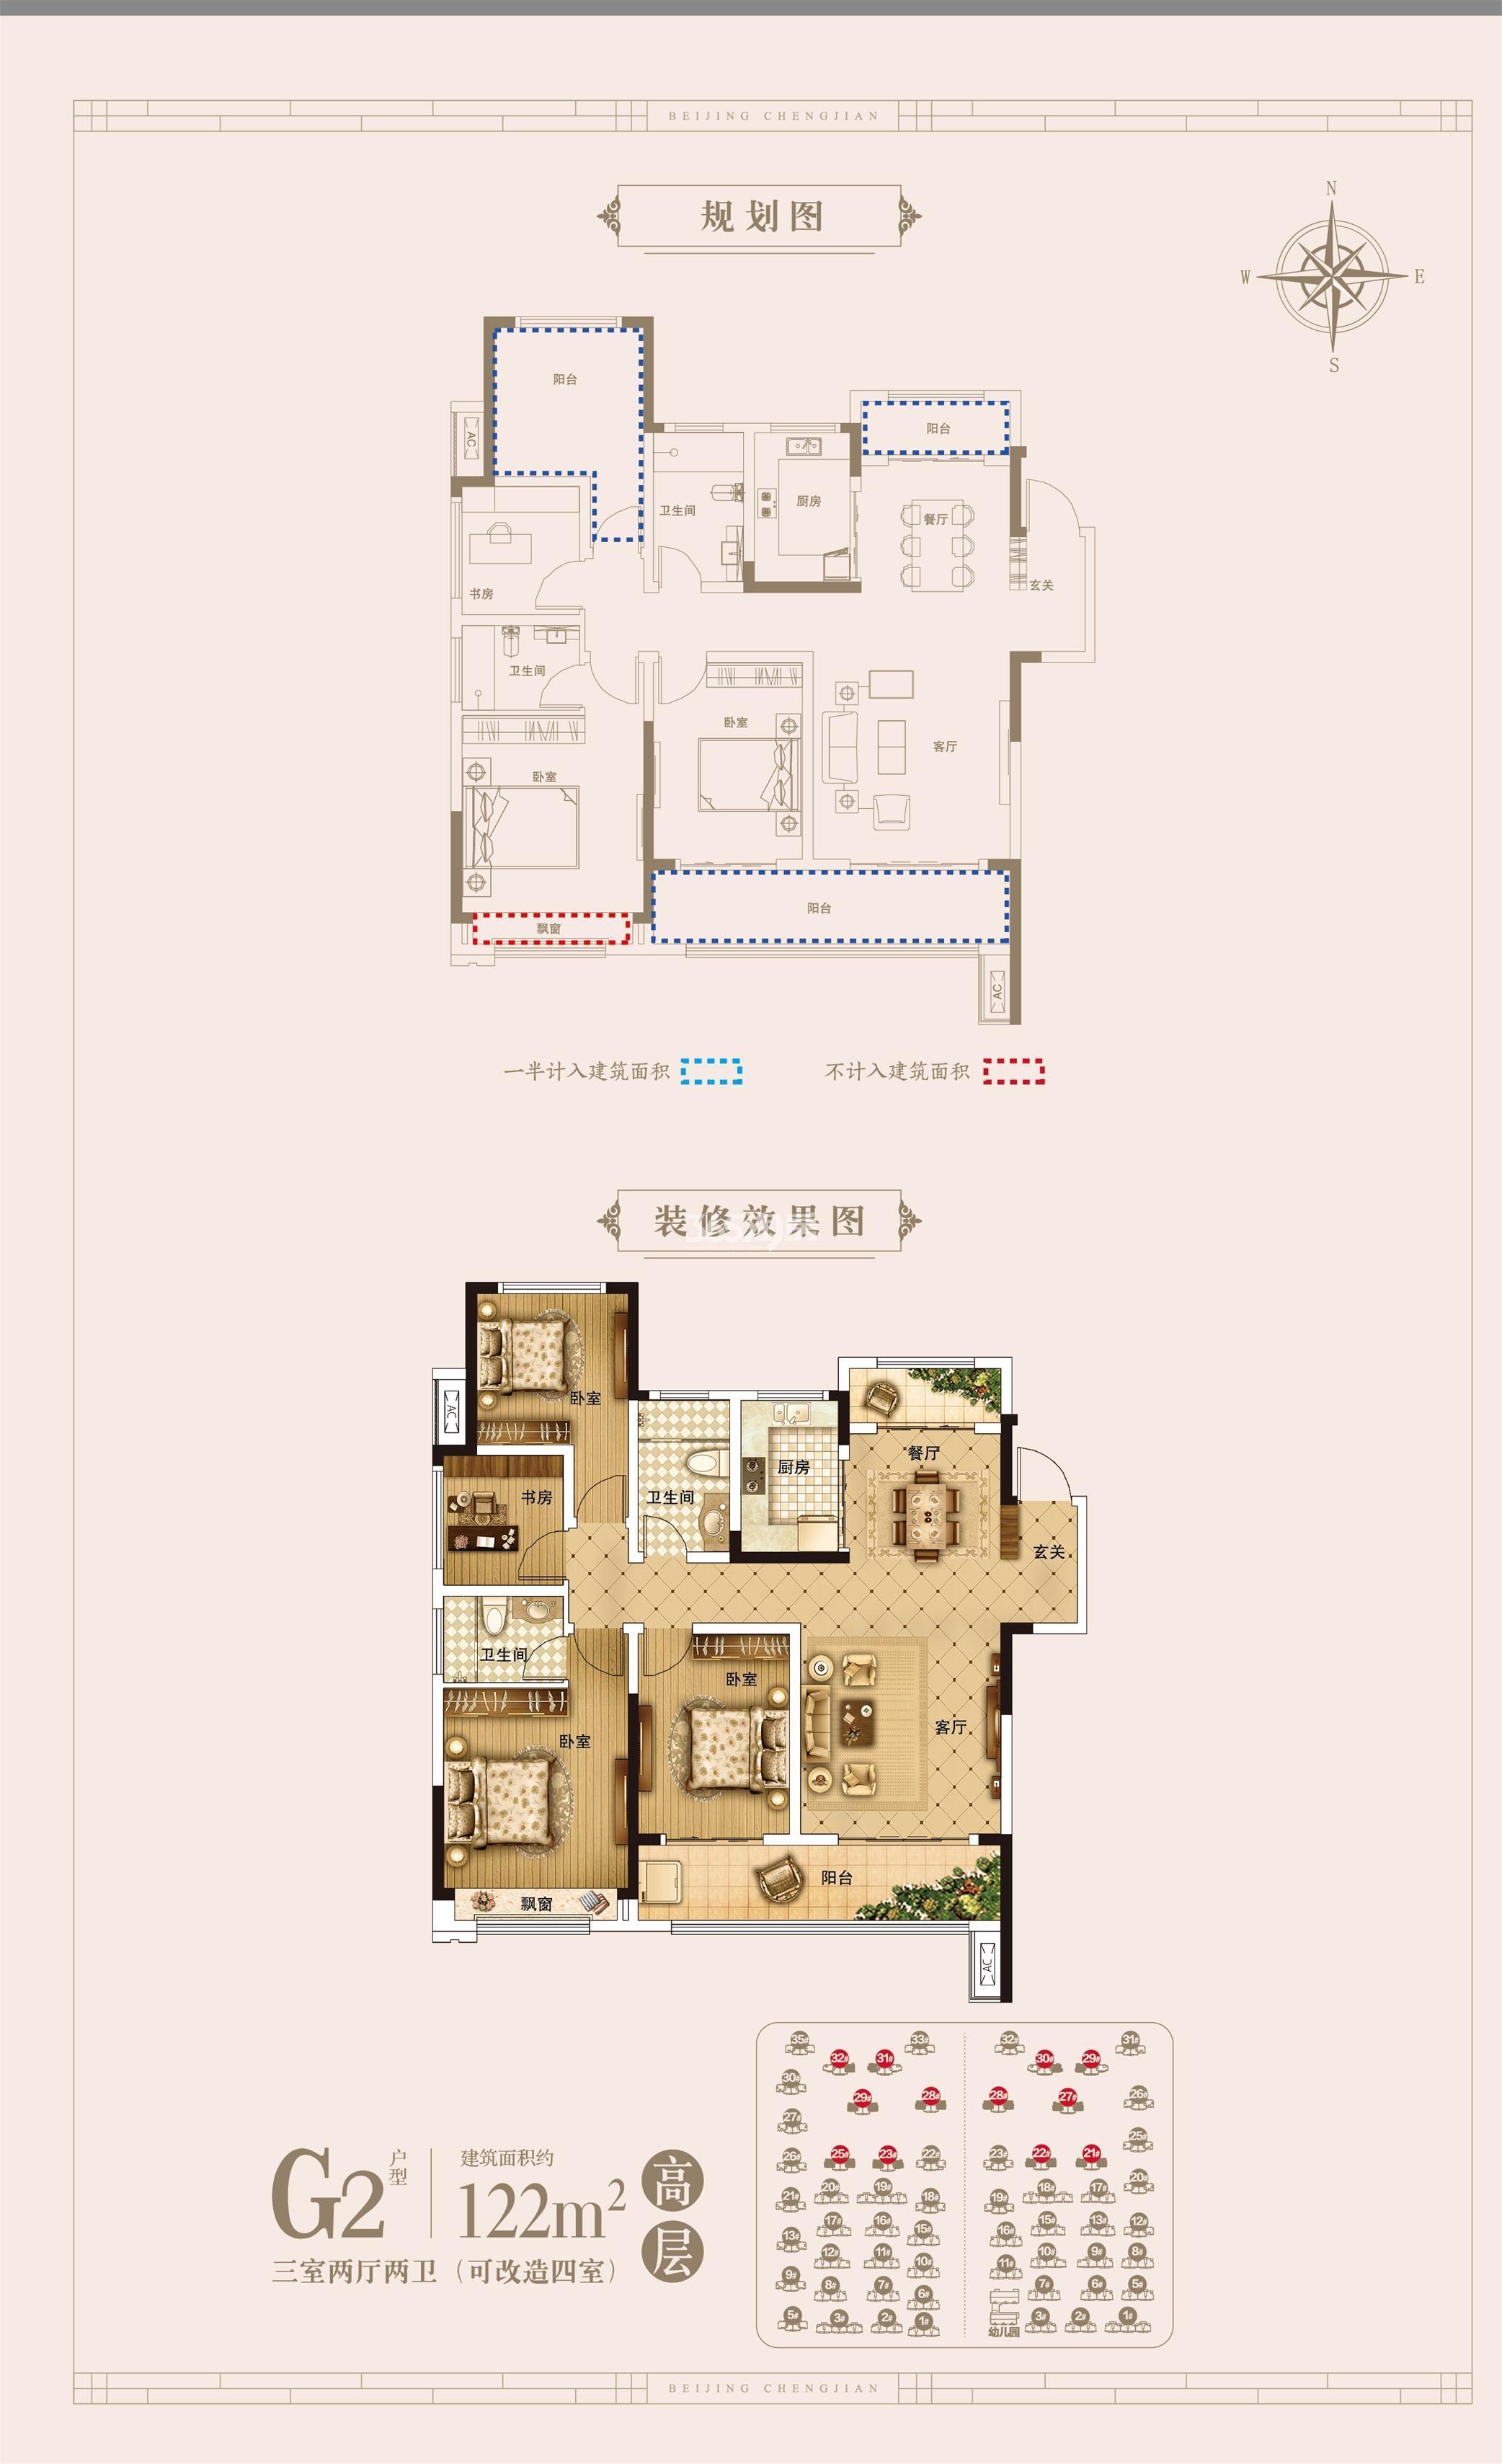 北京城建·珑樾华府122㎡户型图